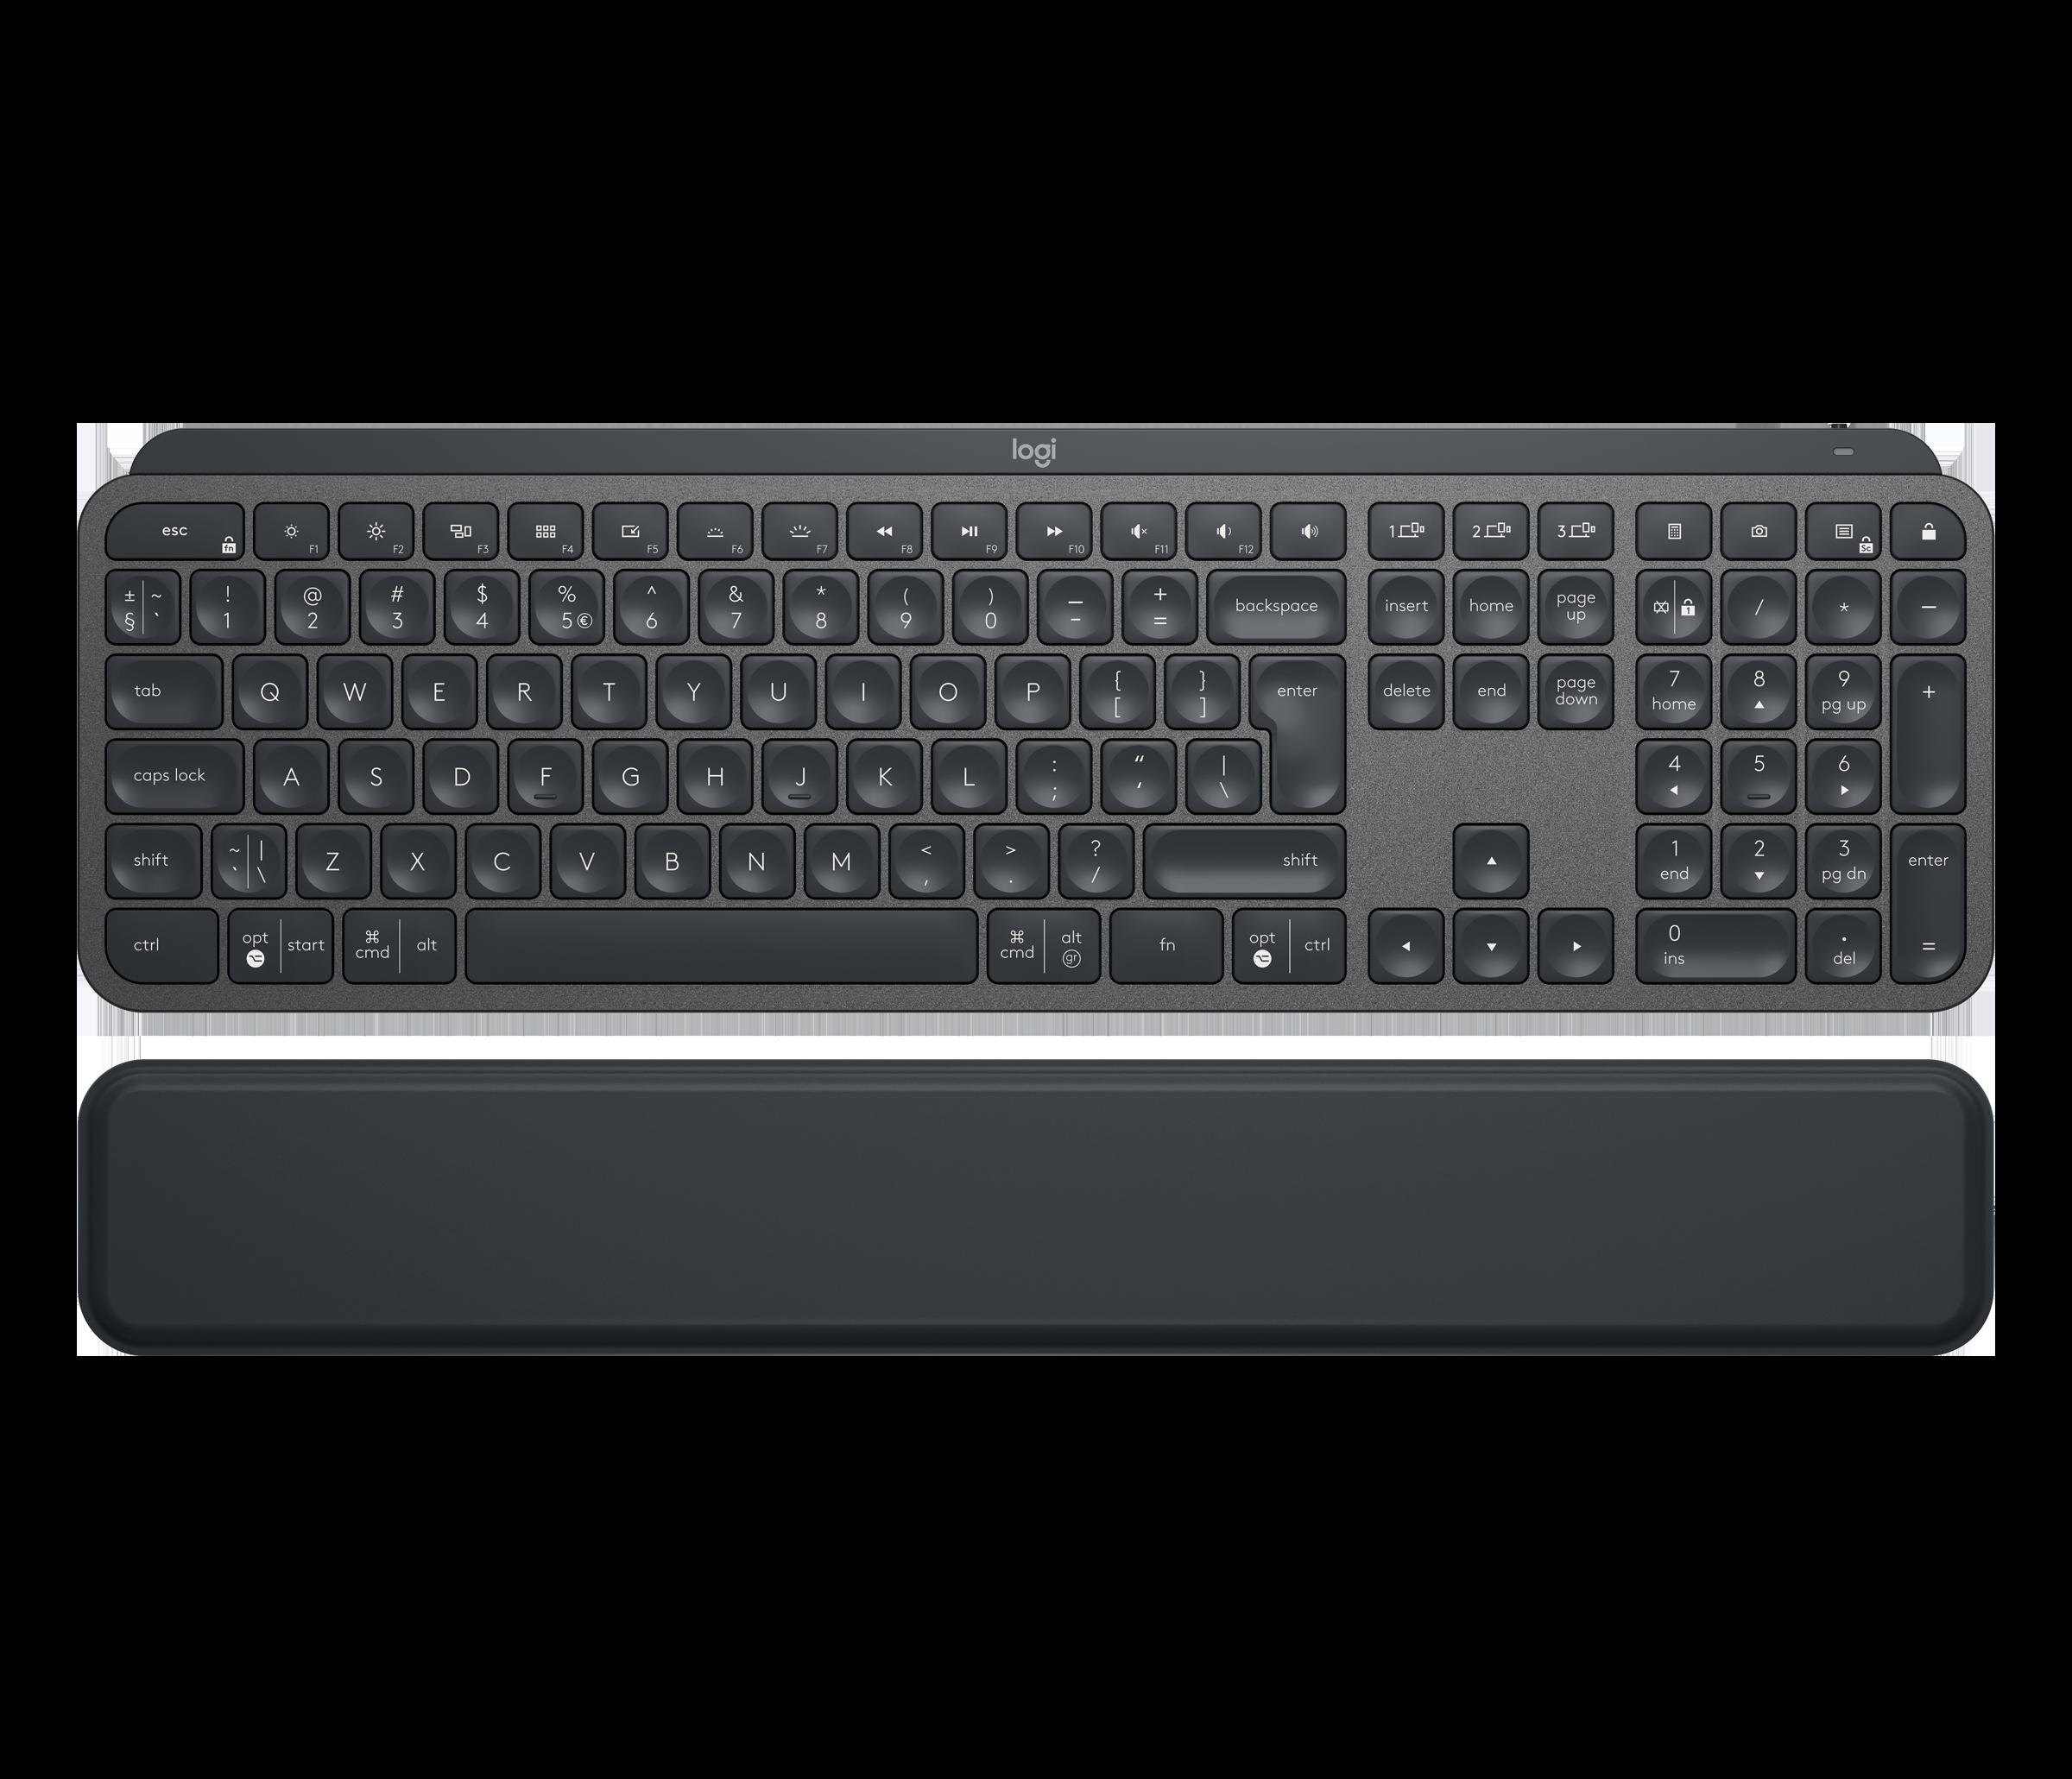 Logitech Norge Wireless Illuminated Keyboard K800